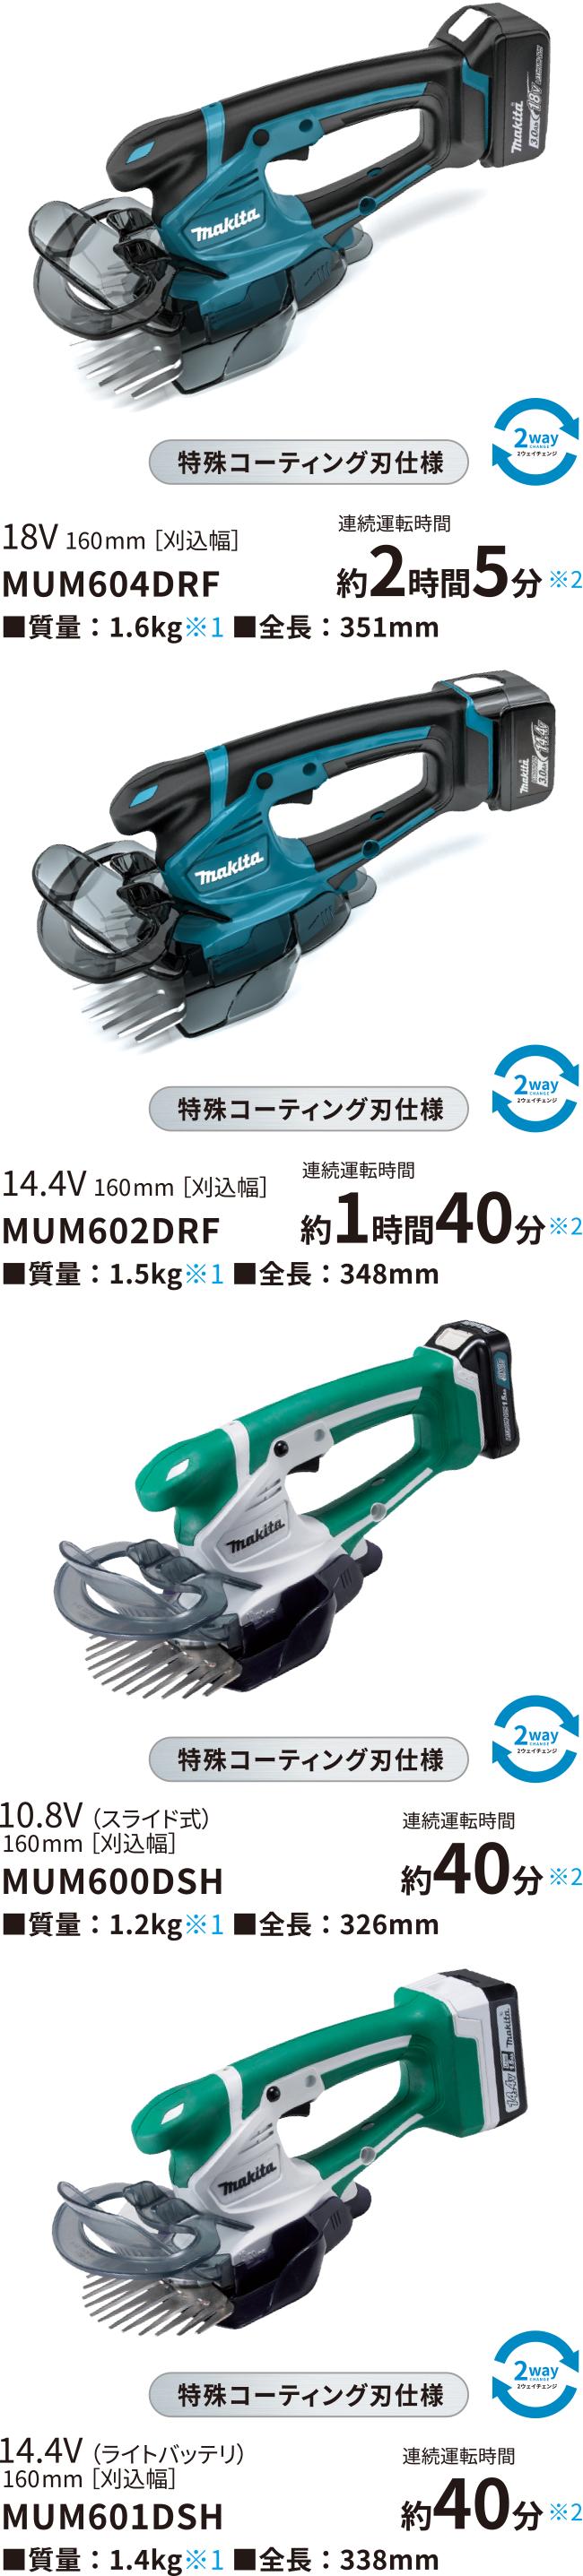 芝 刈り 機 マキタ 【楽天市場】芝刈り機